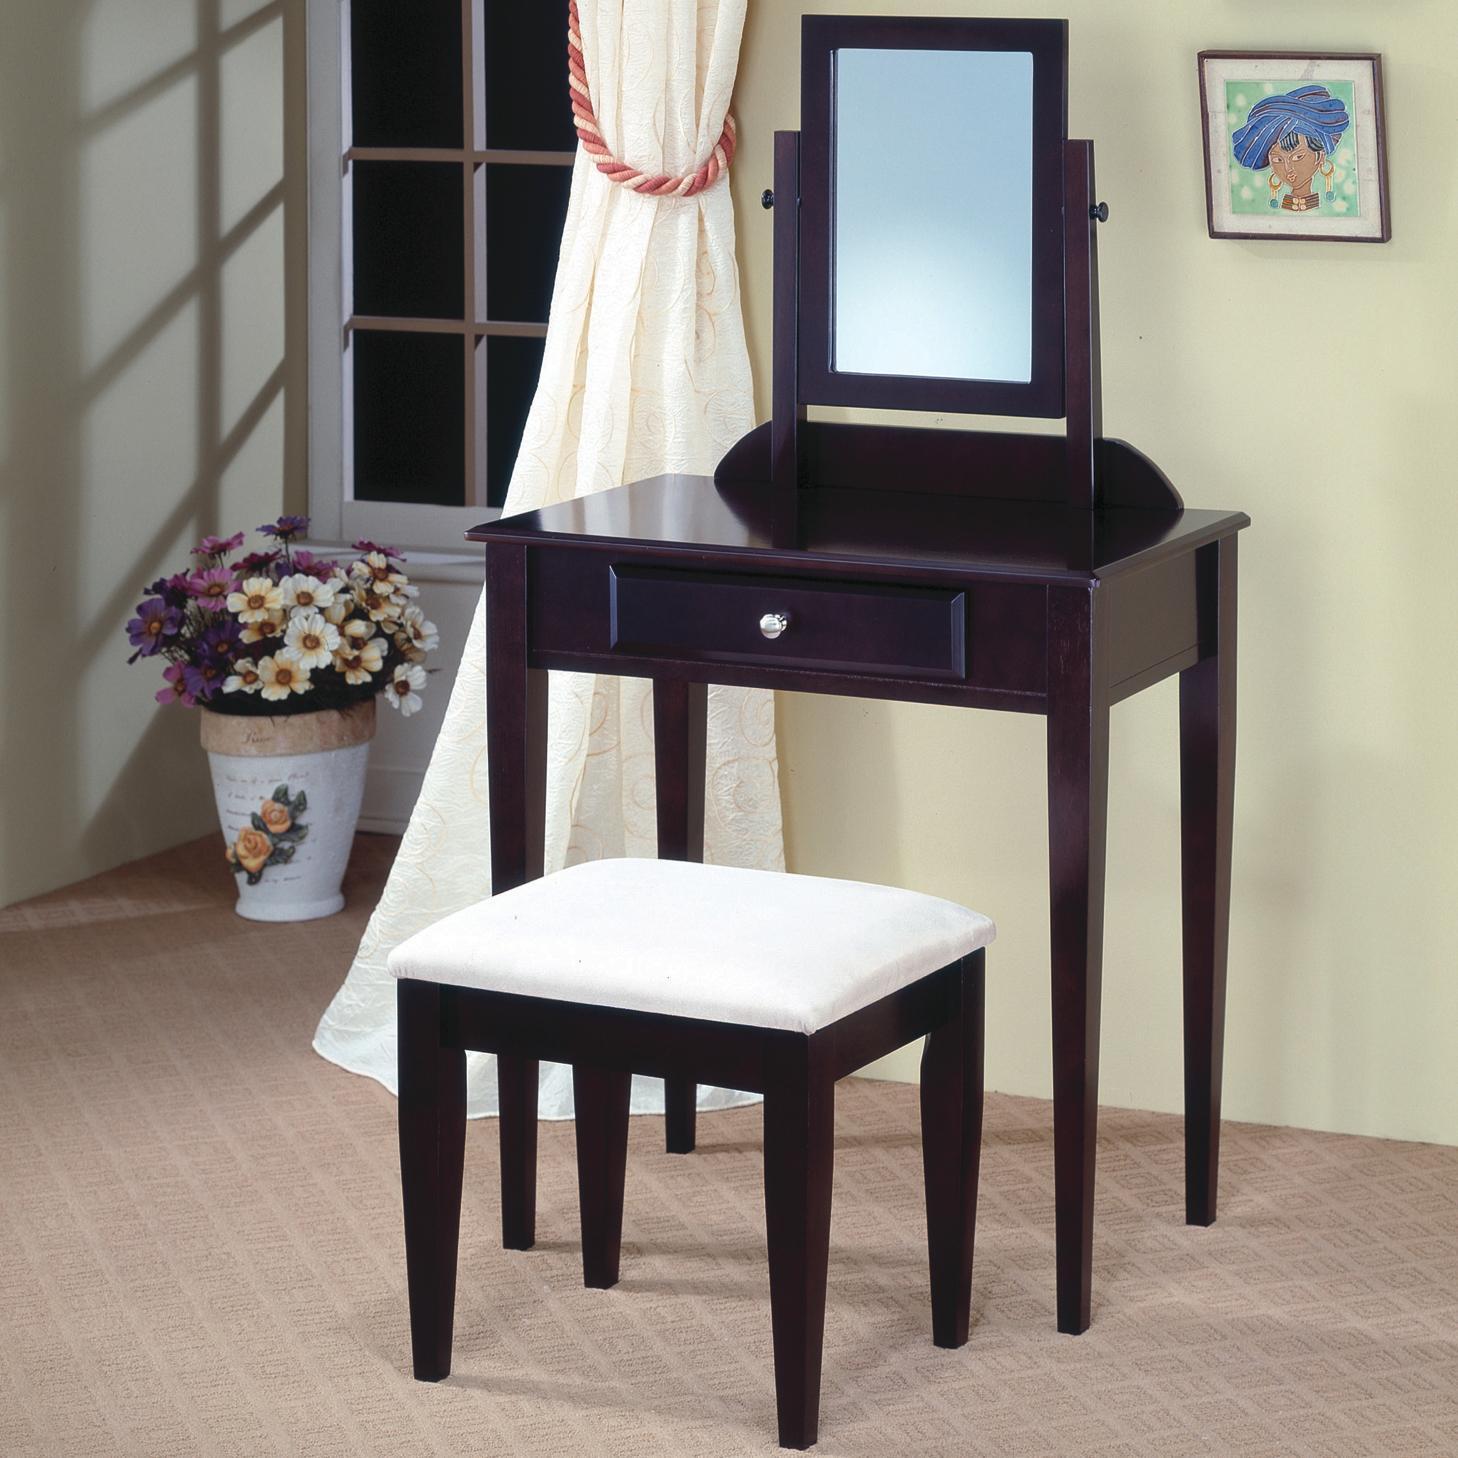 Coaster Vanities Vanity Set - Item Number: 300079